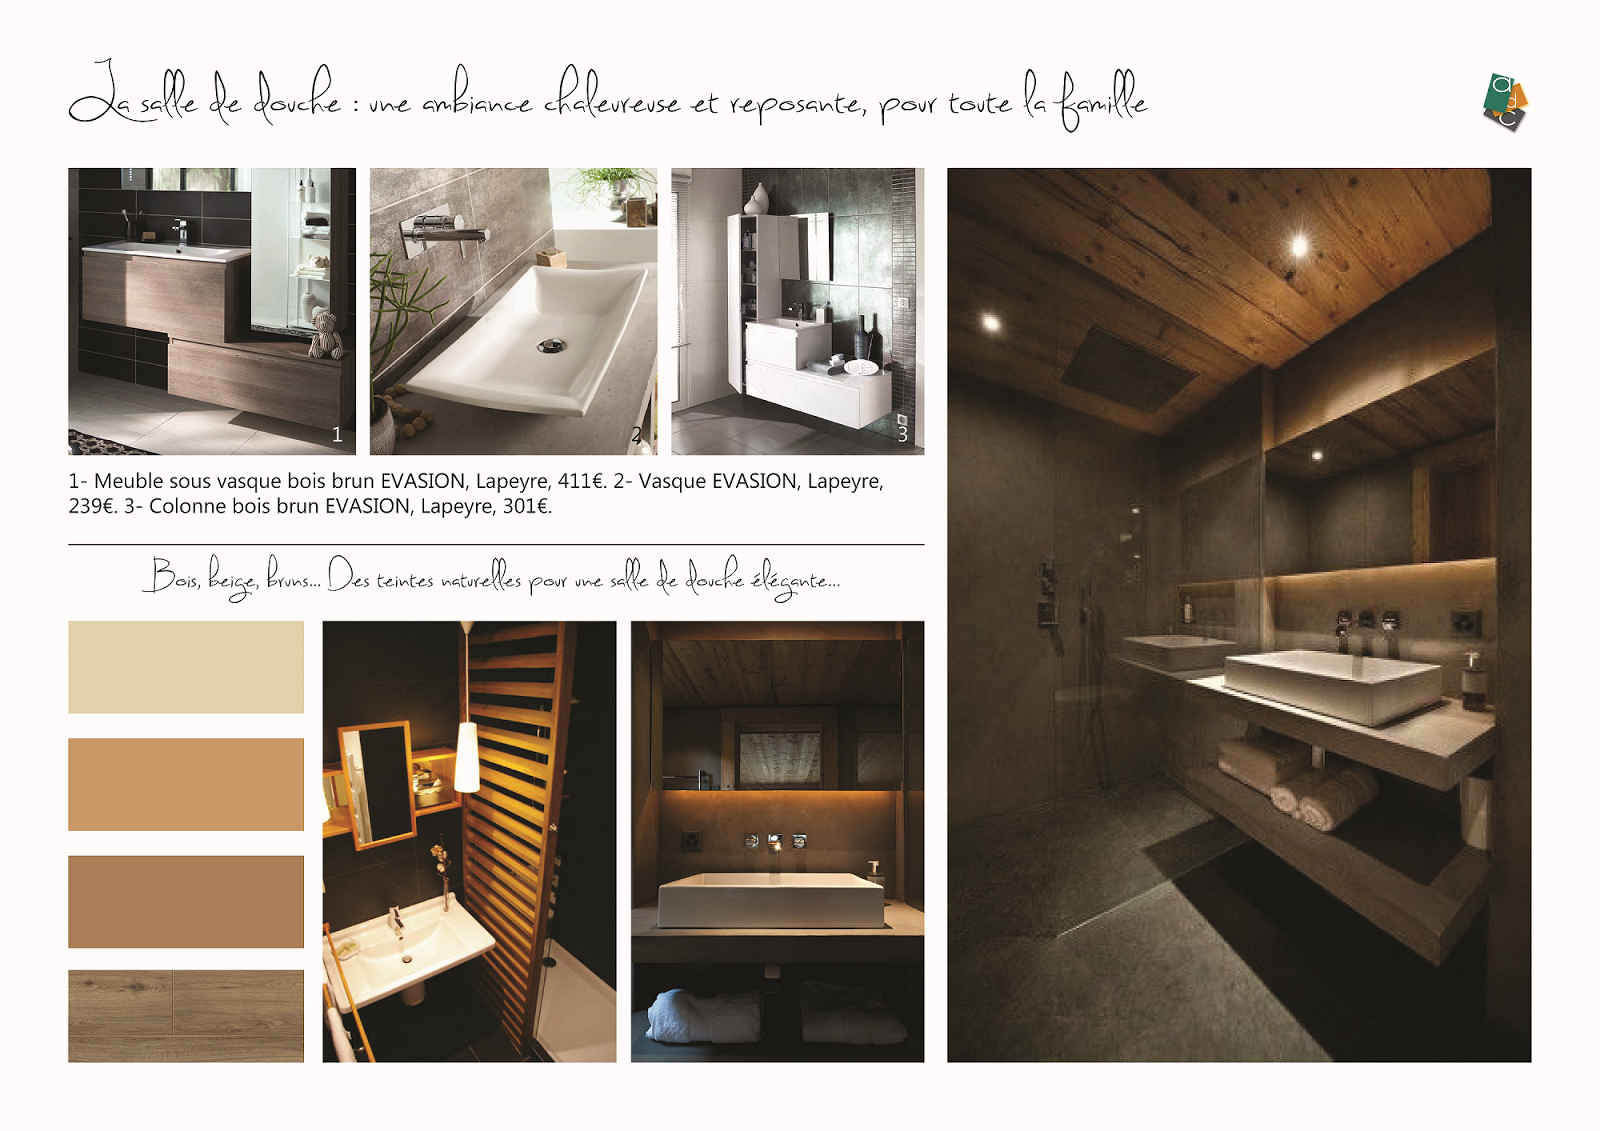 Simulateur 3d salle de bain cheap d en ligne de salles de for Simulateur 3d cuisine